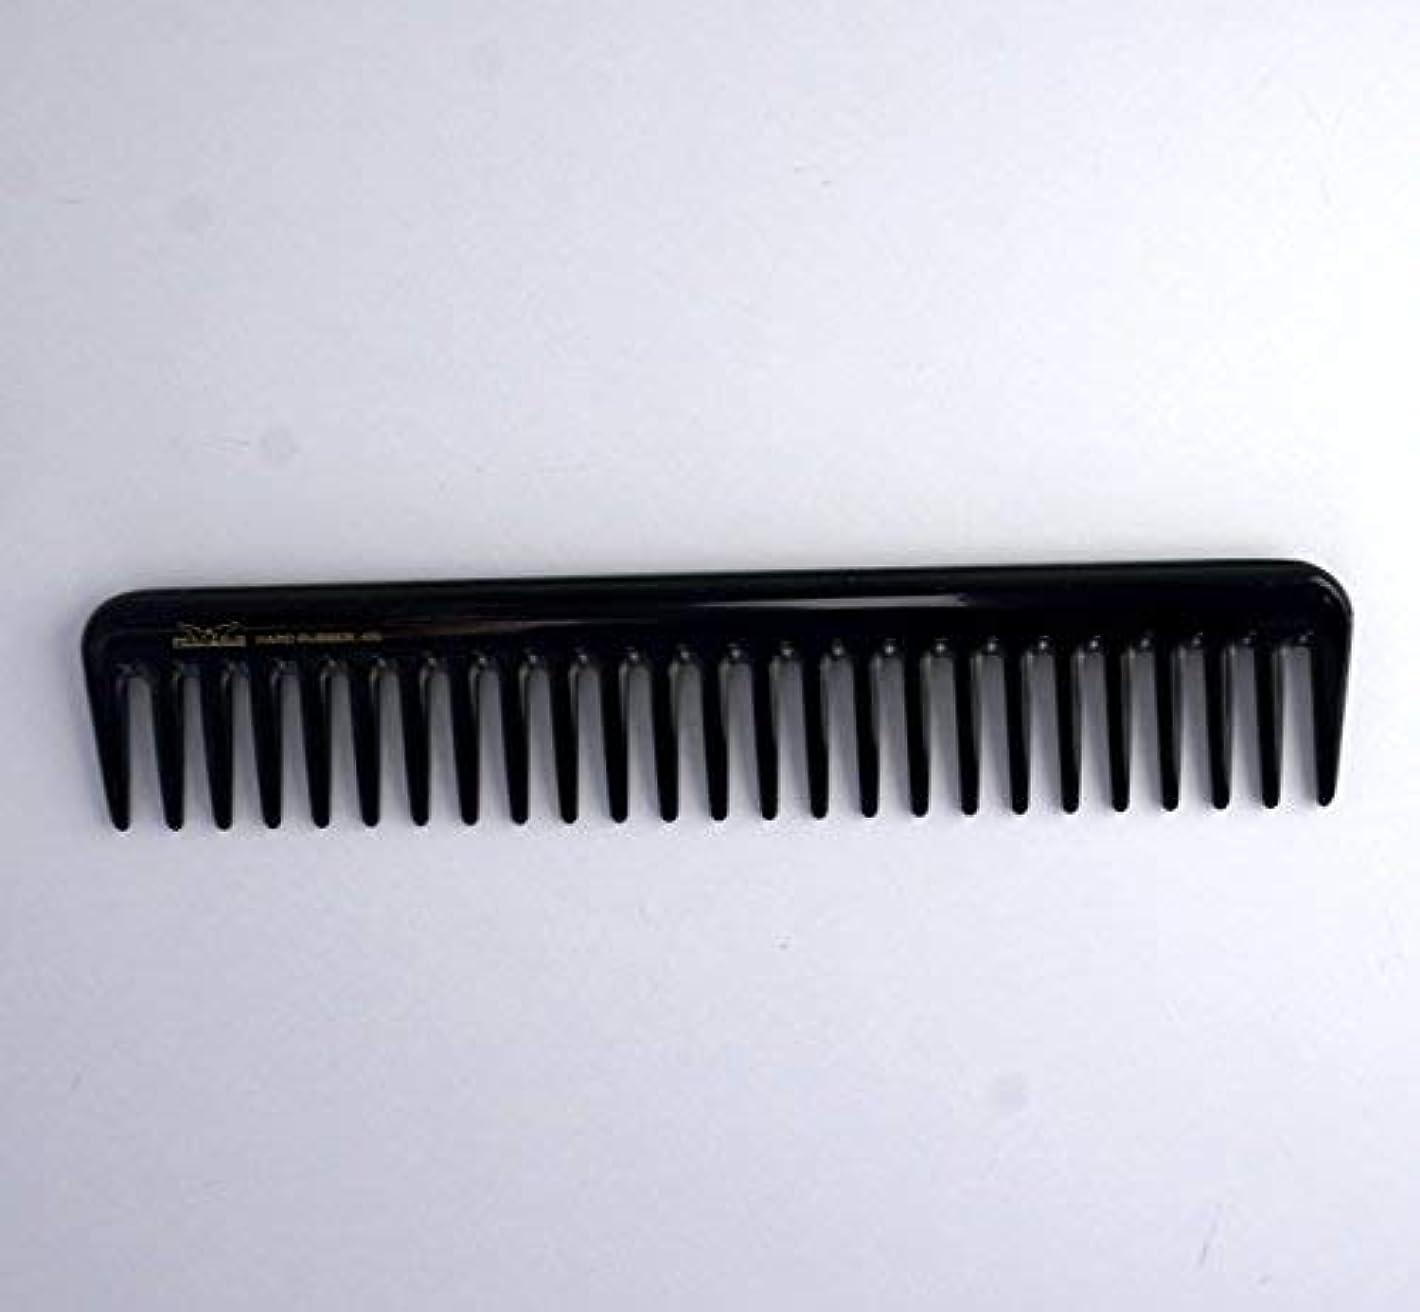 番号公演公使館7in, Hard Rubber, Wide Tooth Short Styling Comb [並行輸入品]